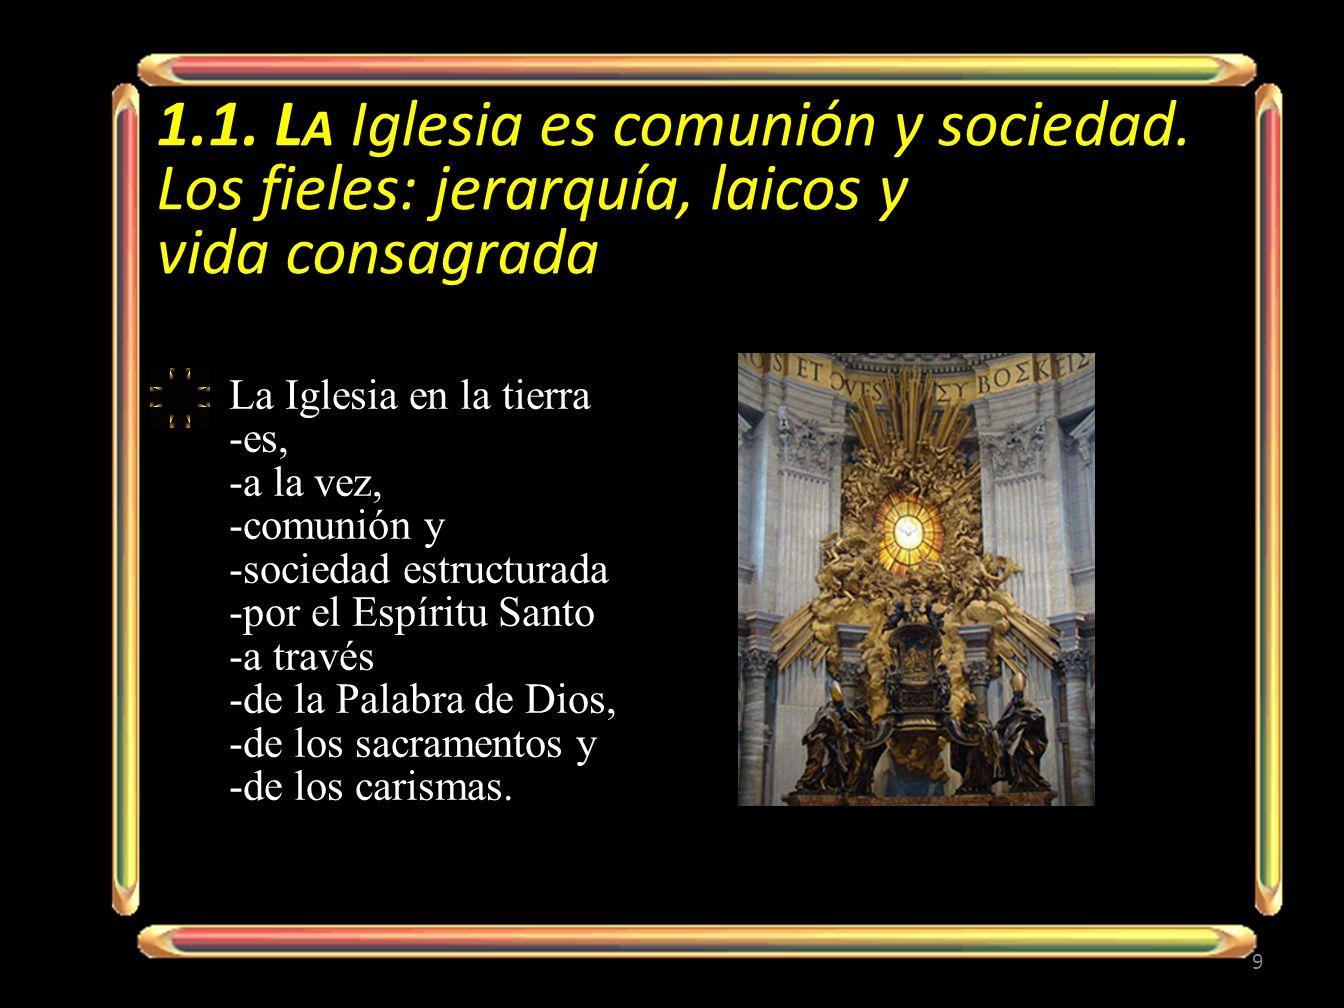 1. 1. La Iglesia es comunión y sociedad